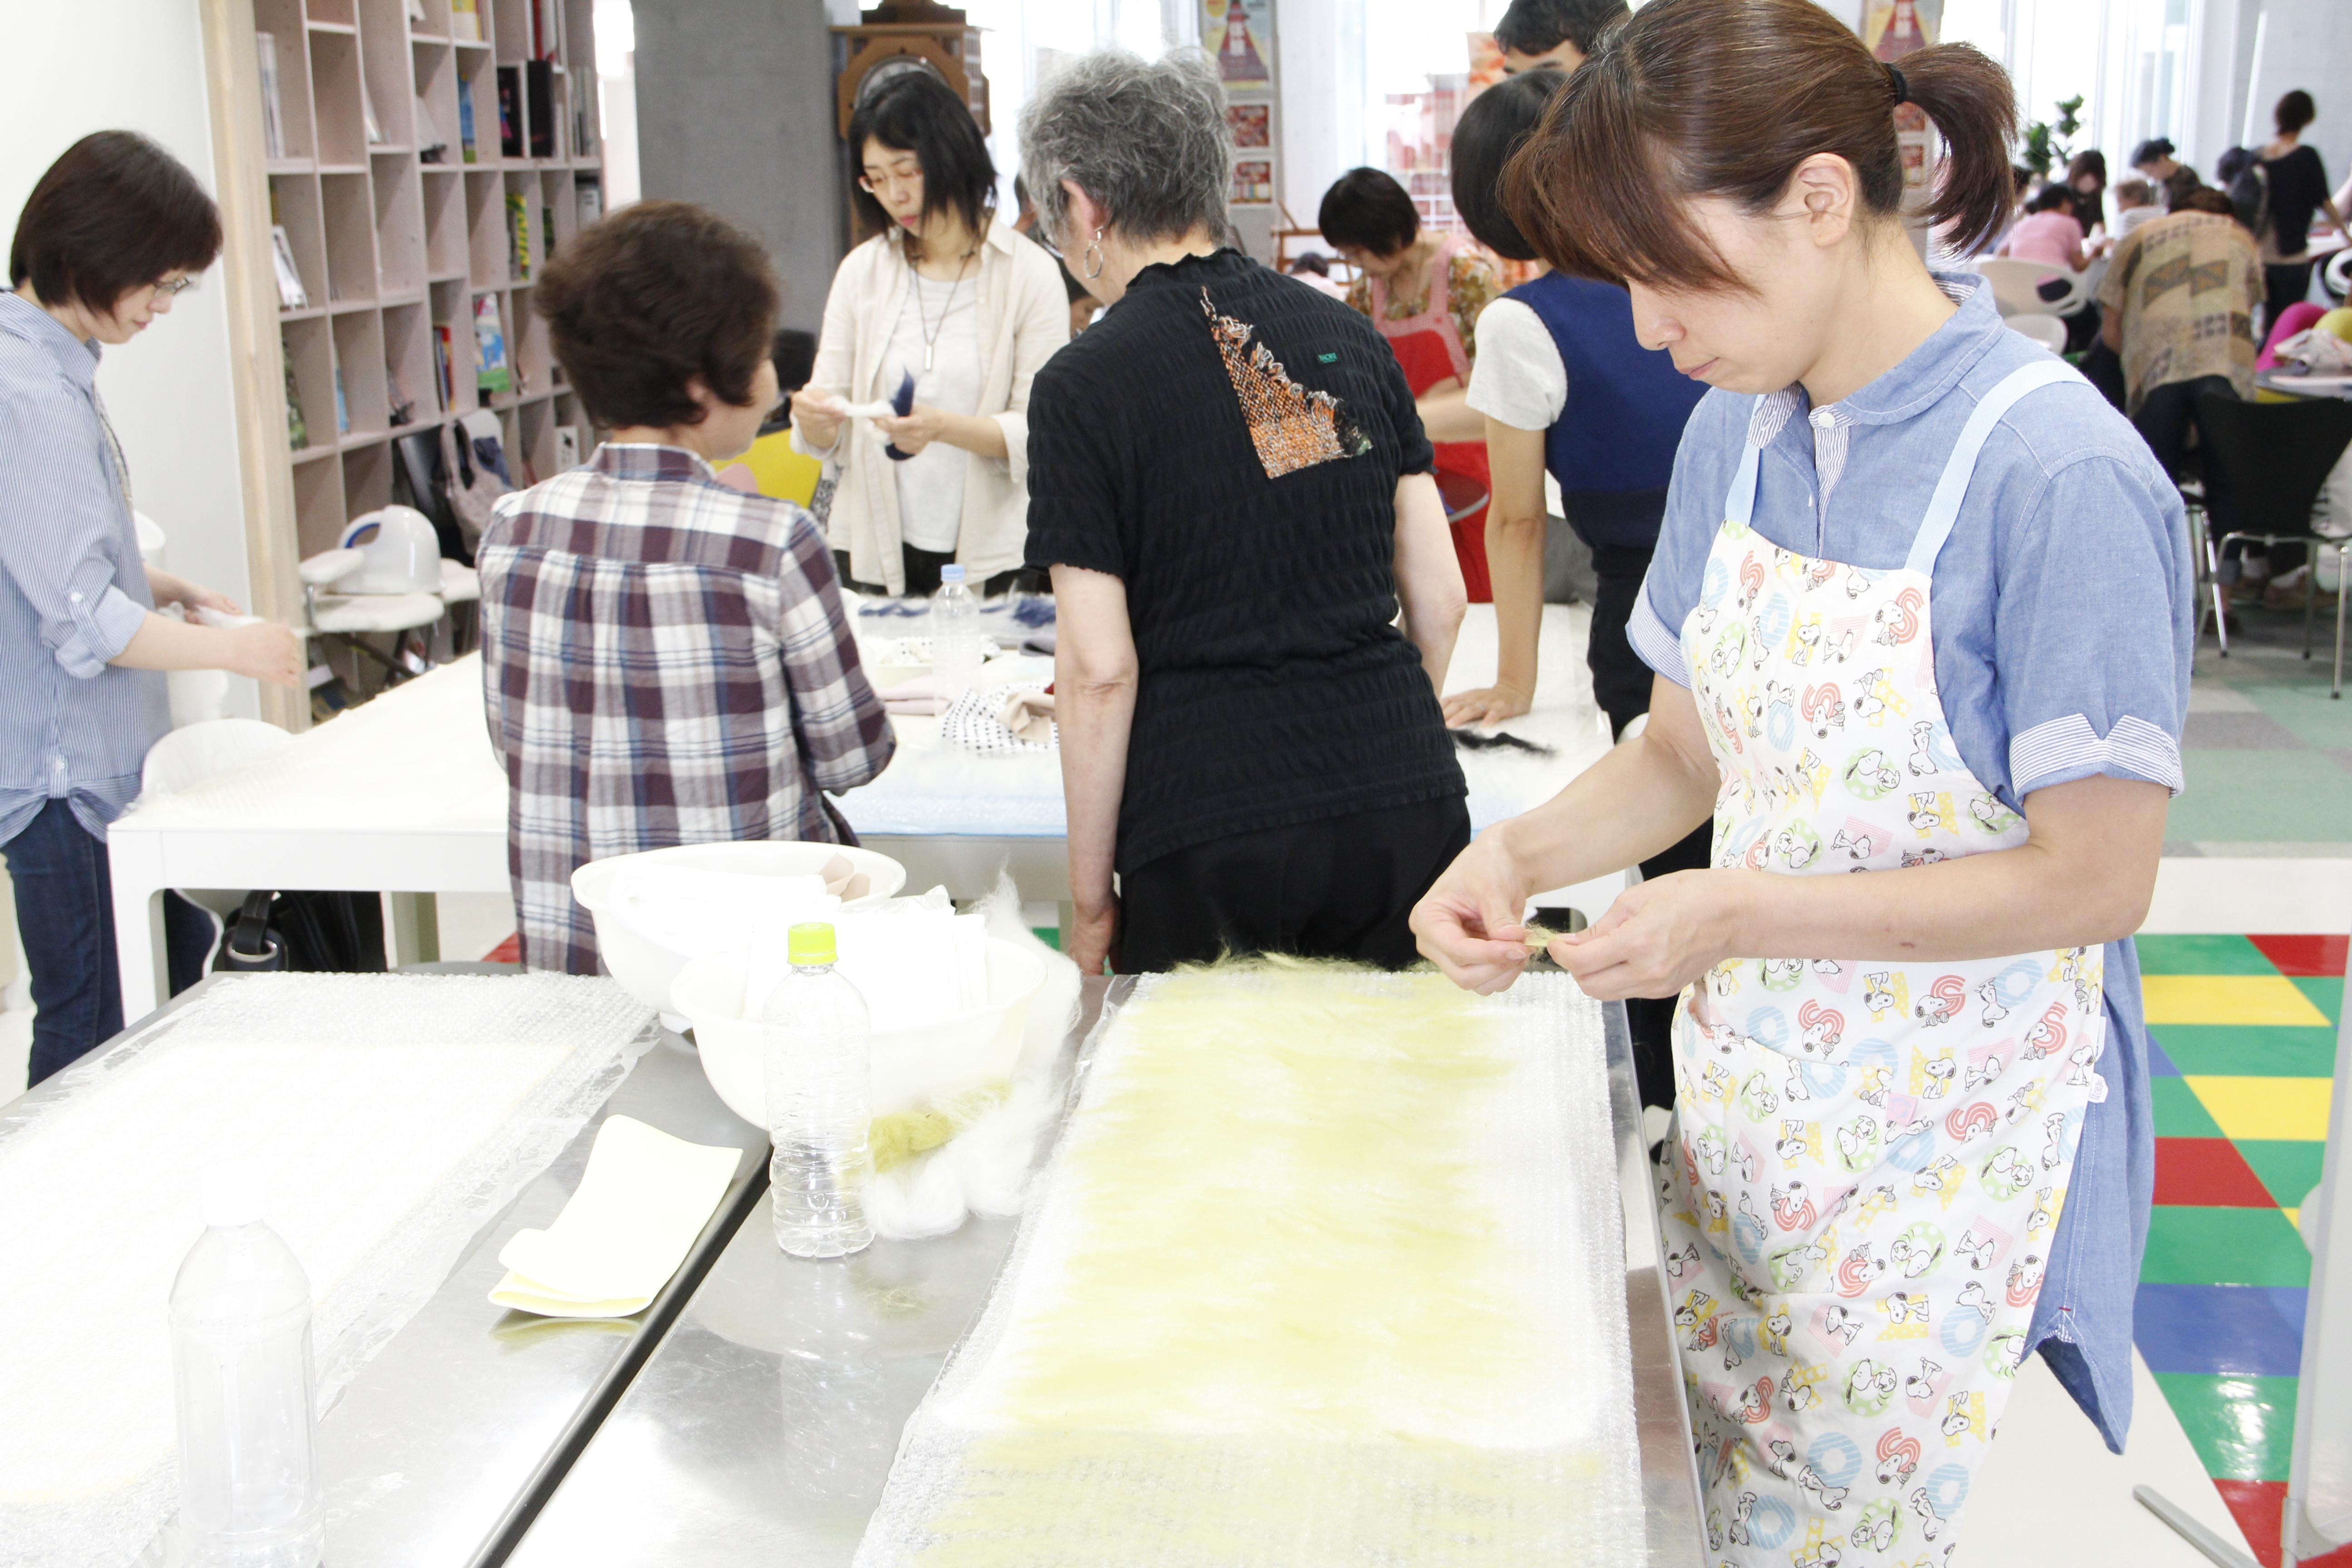 http://hacchi.jp/blog/upload/images/20130917_4.JPG